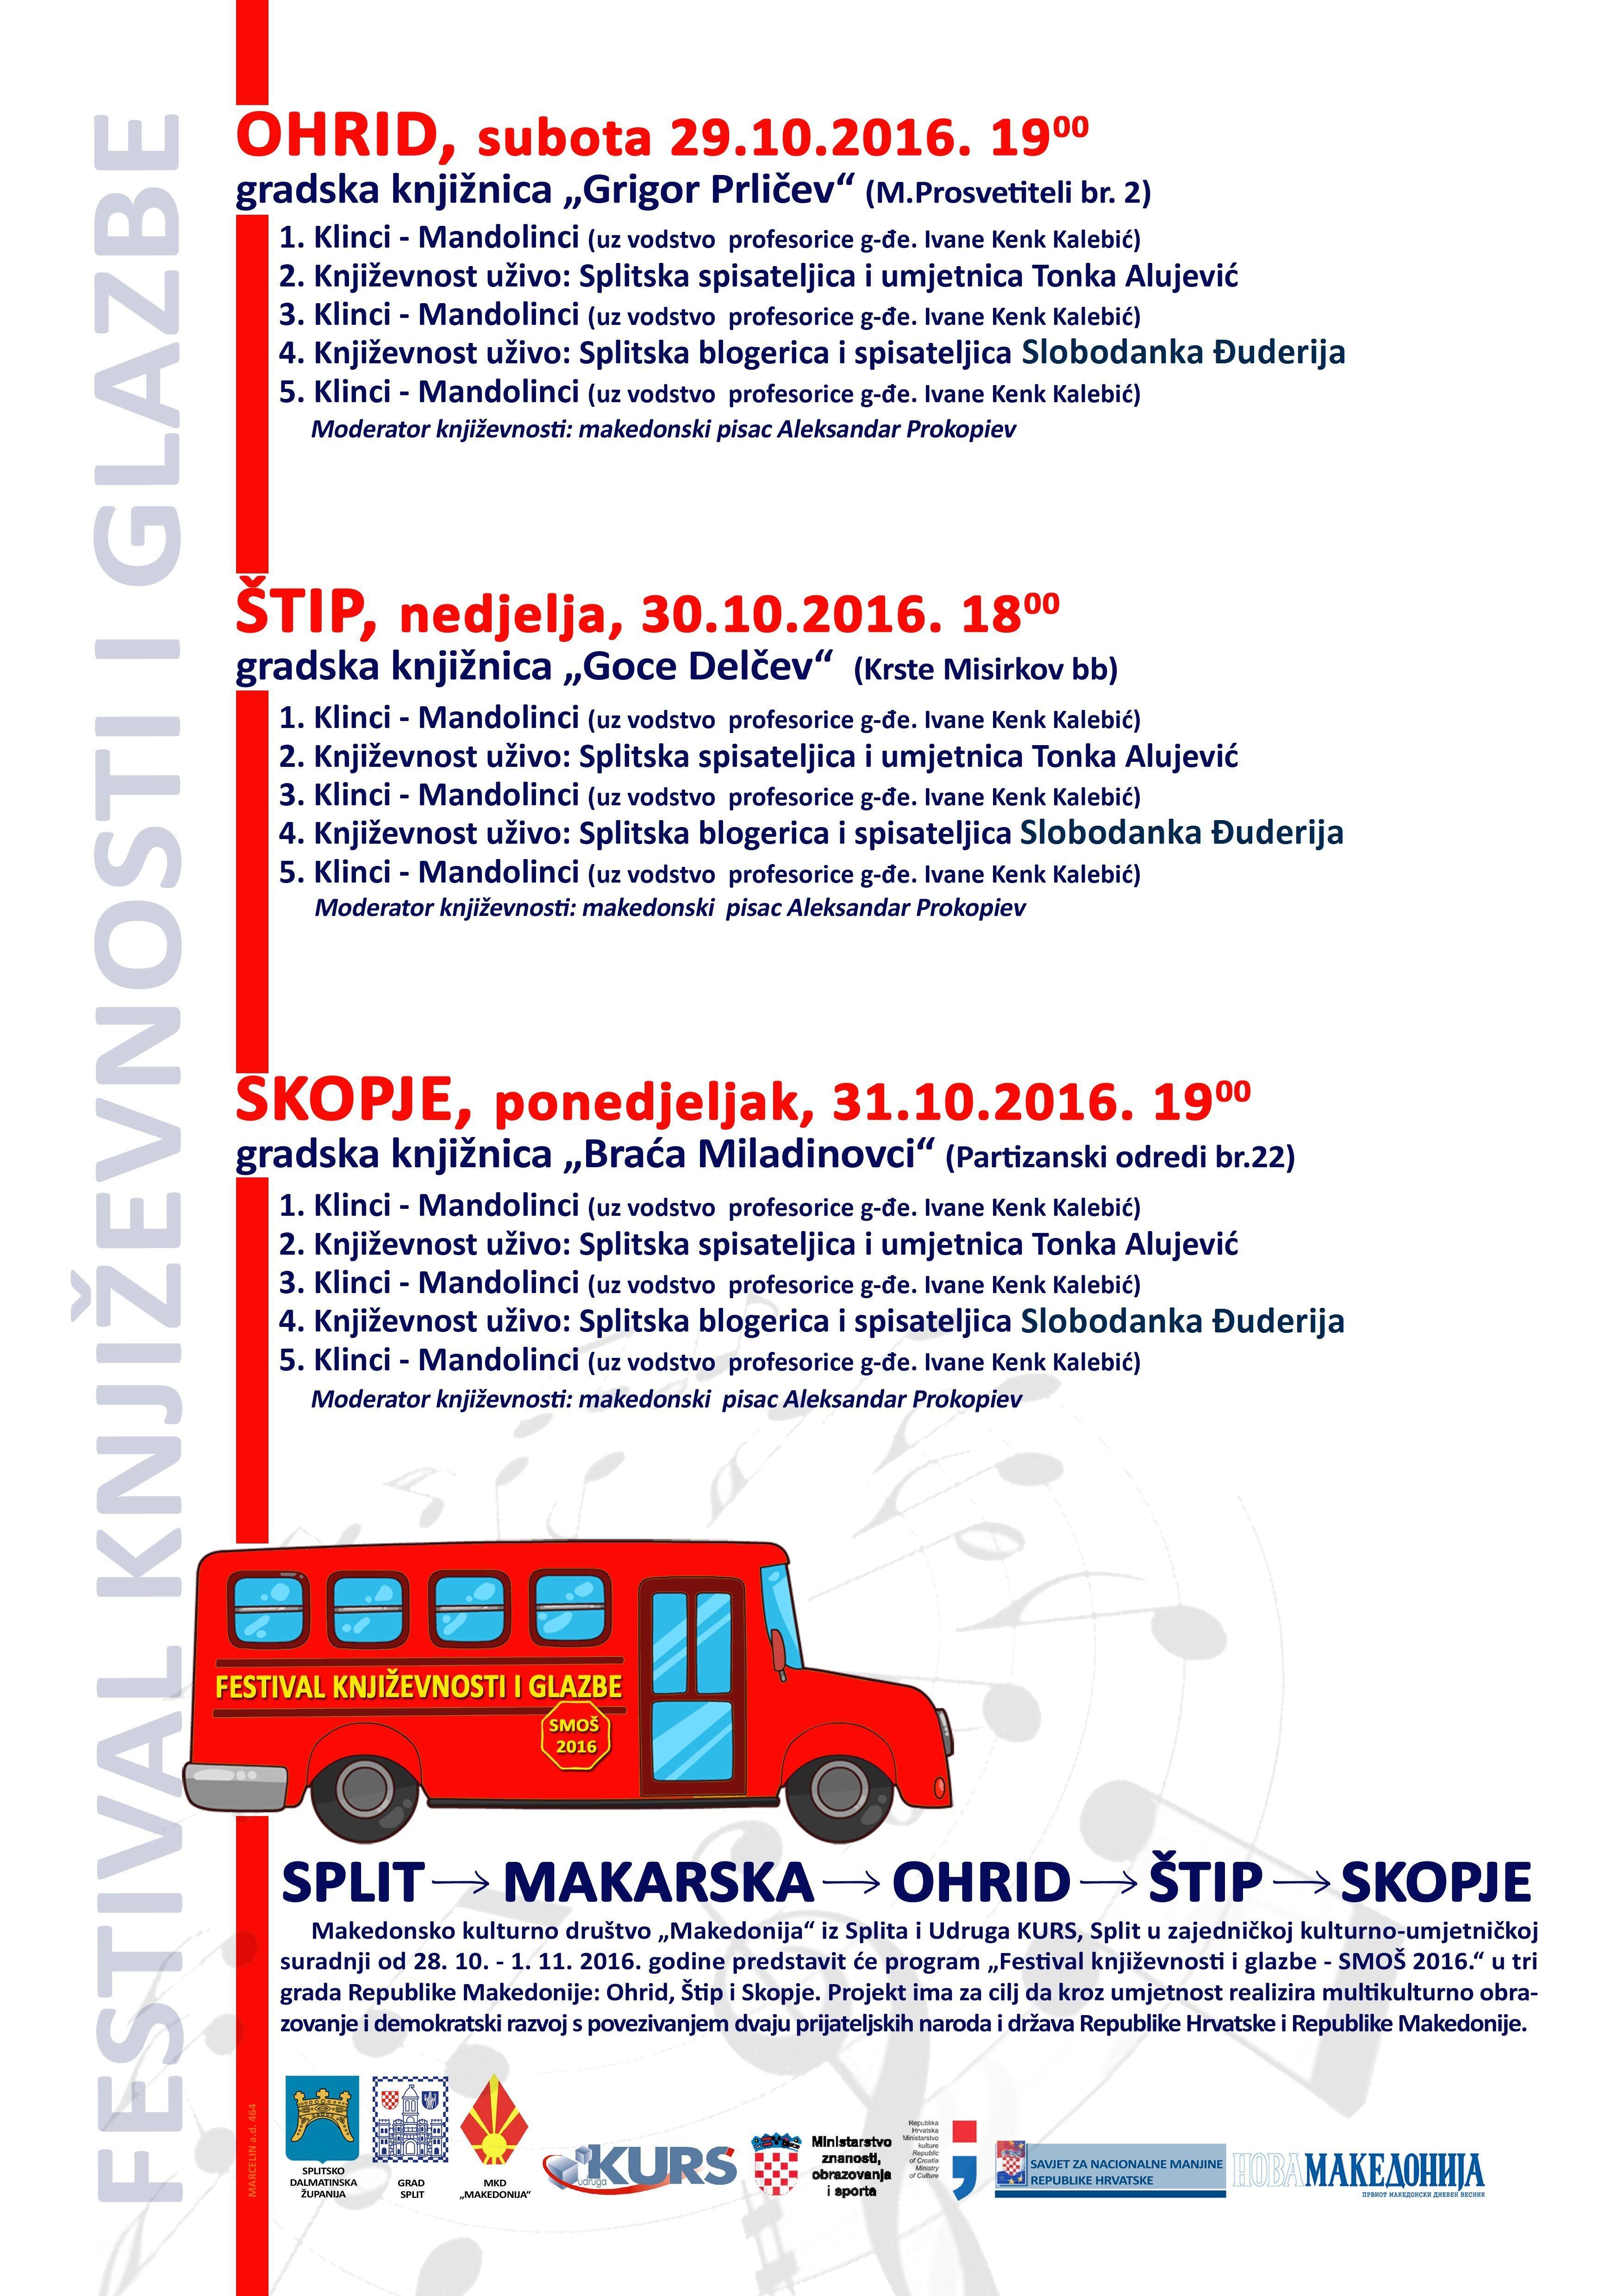 Festival književnosti i glazbe u Makedoniji